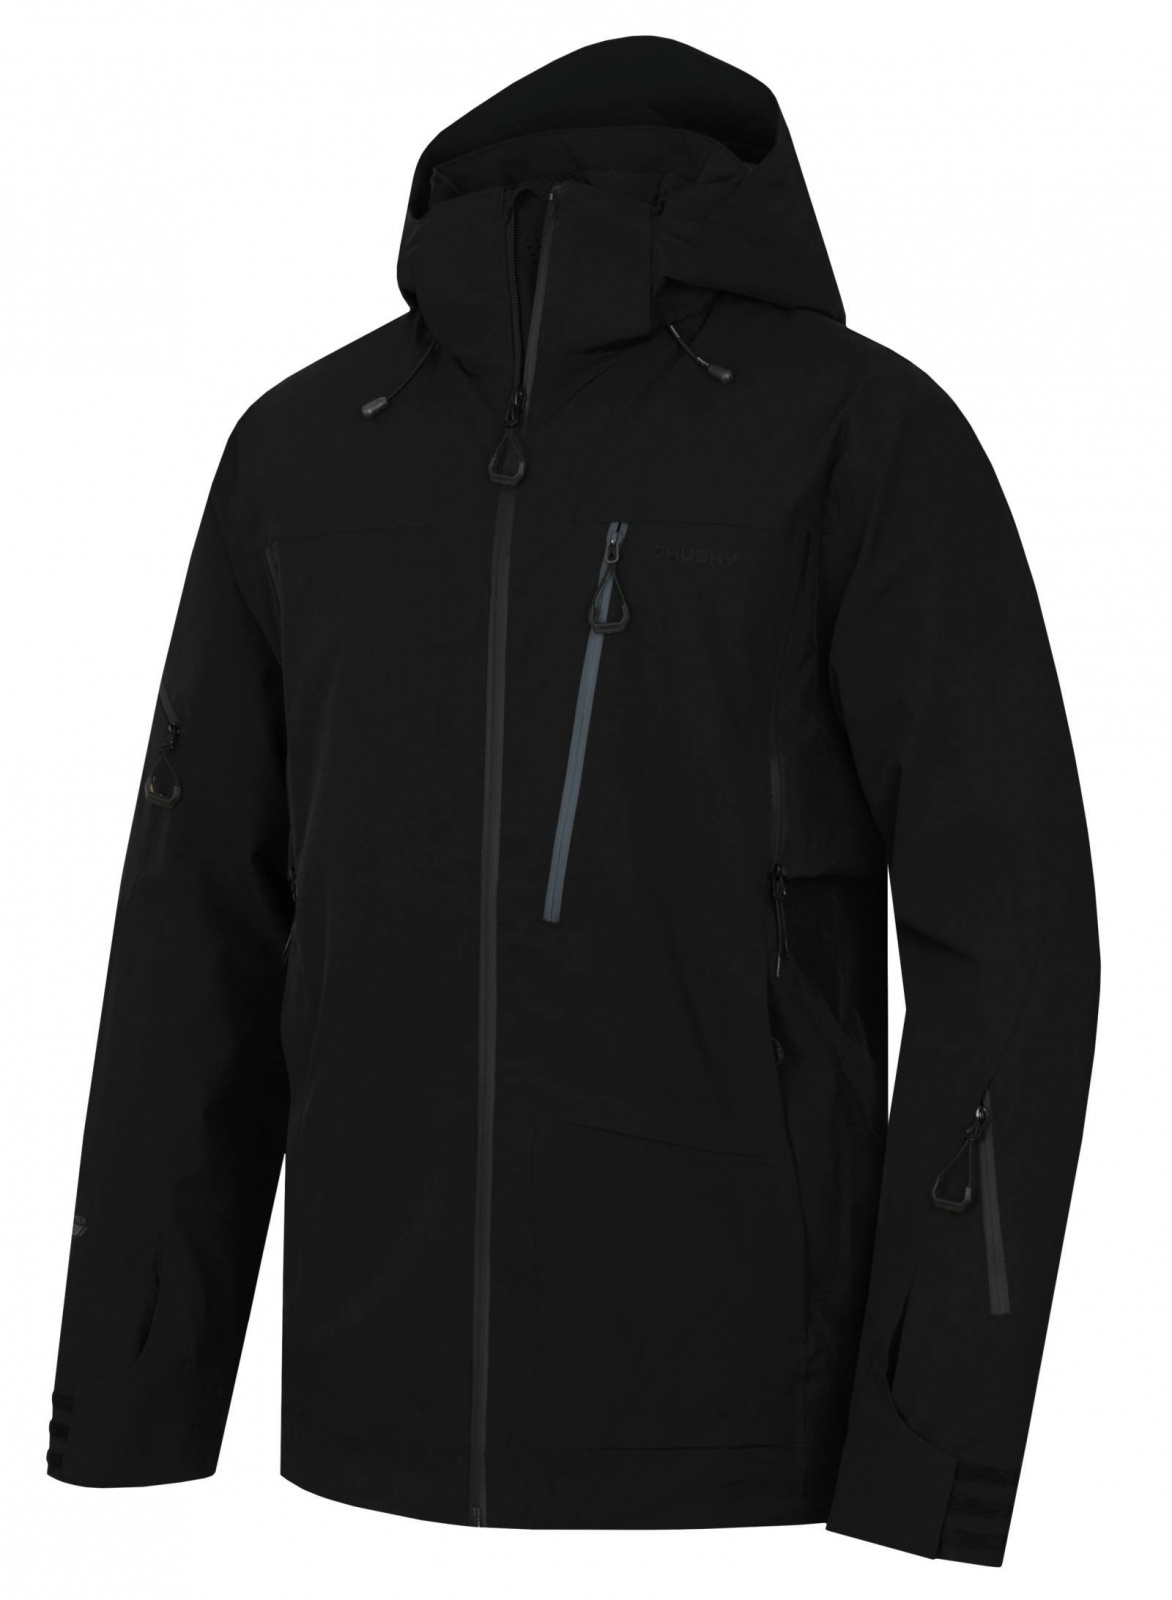 Husky Montry M čierna, XXXL Pánska lyžiarska bunda